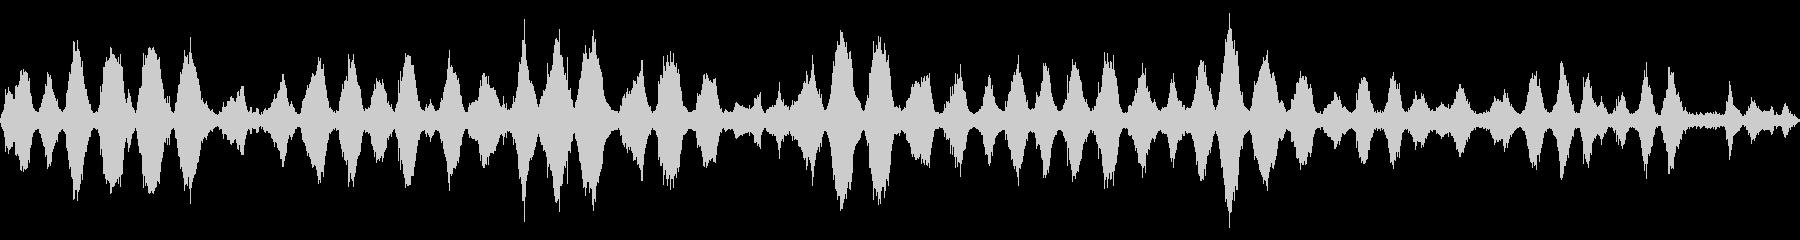 波の音 【大浜海岸、徳島、秋、昼】の未再生の波形